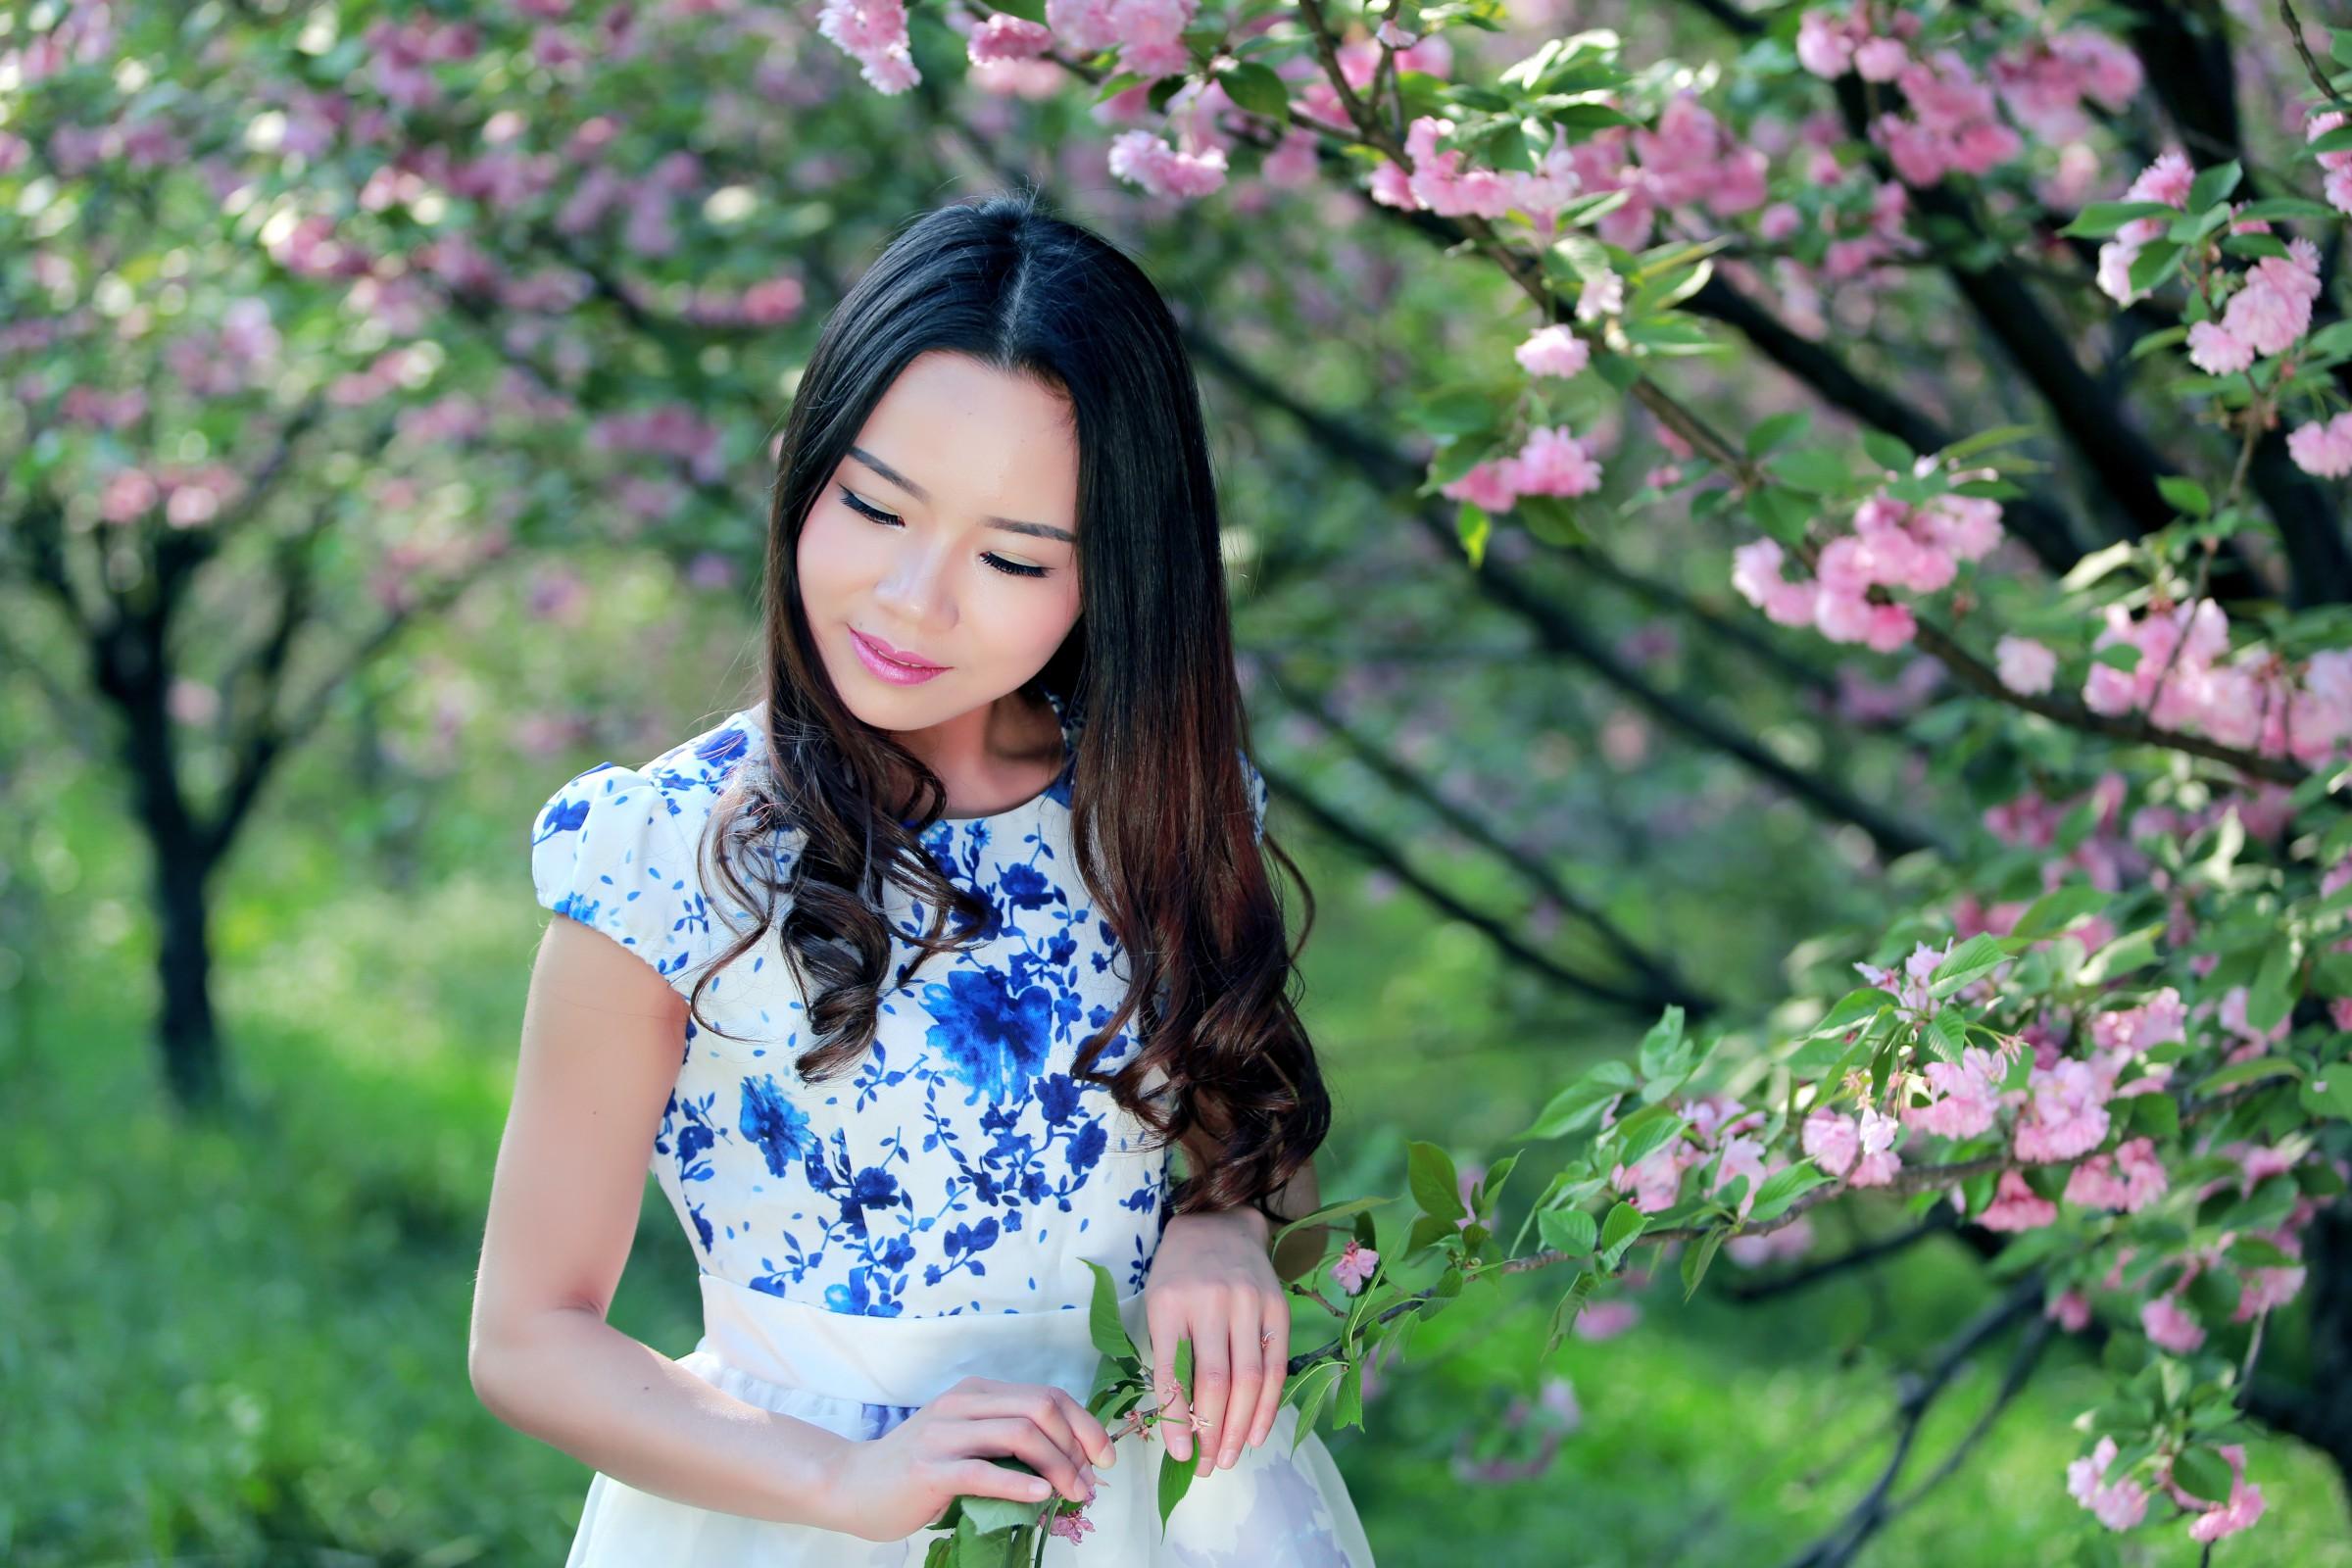 春暖花开 - 青梅酒女 - 青梅酒女的博客